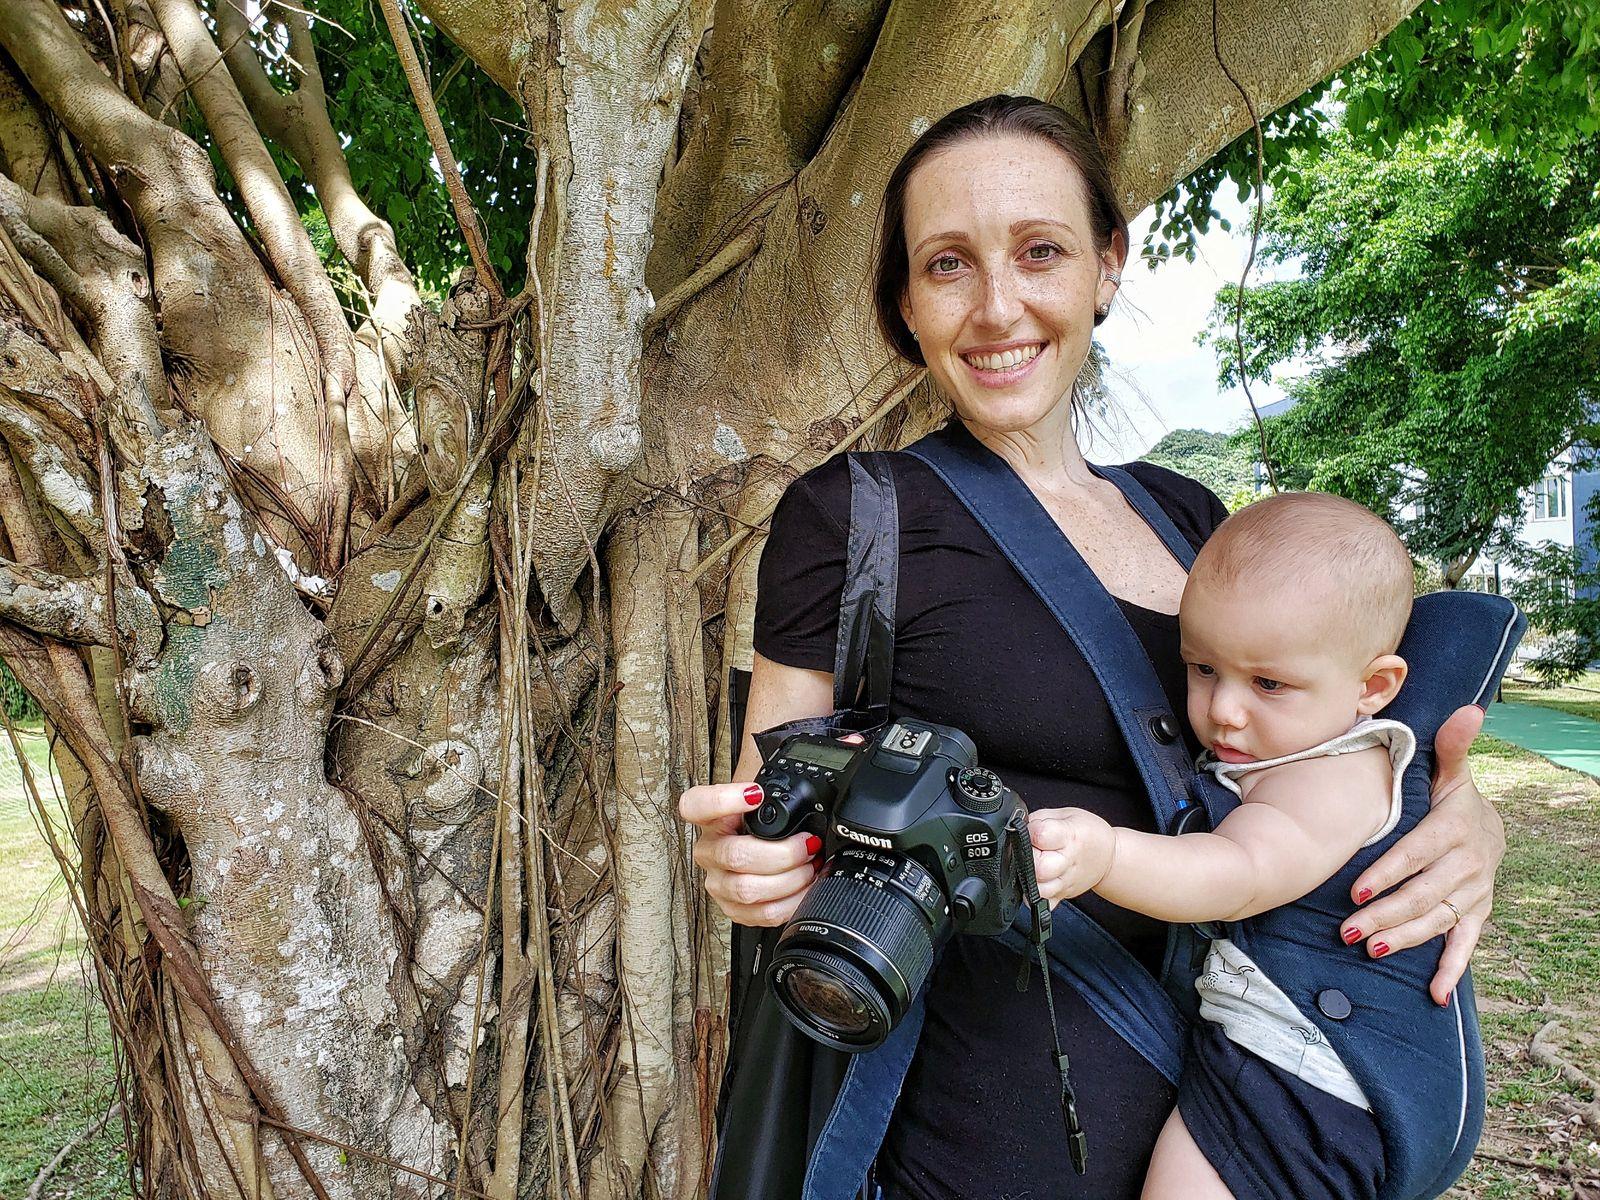 Mamãe cientista: a exploradora Silvia Pavan levou o pequeno Davi, de 5 meses, para o Bootcamp ...